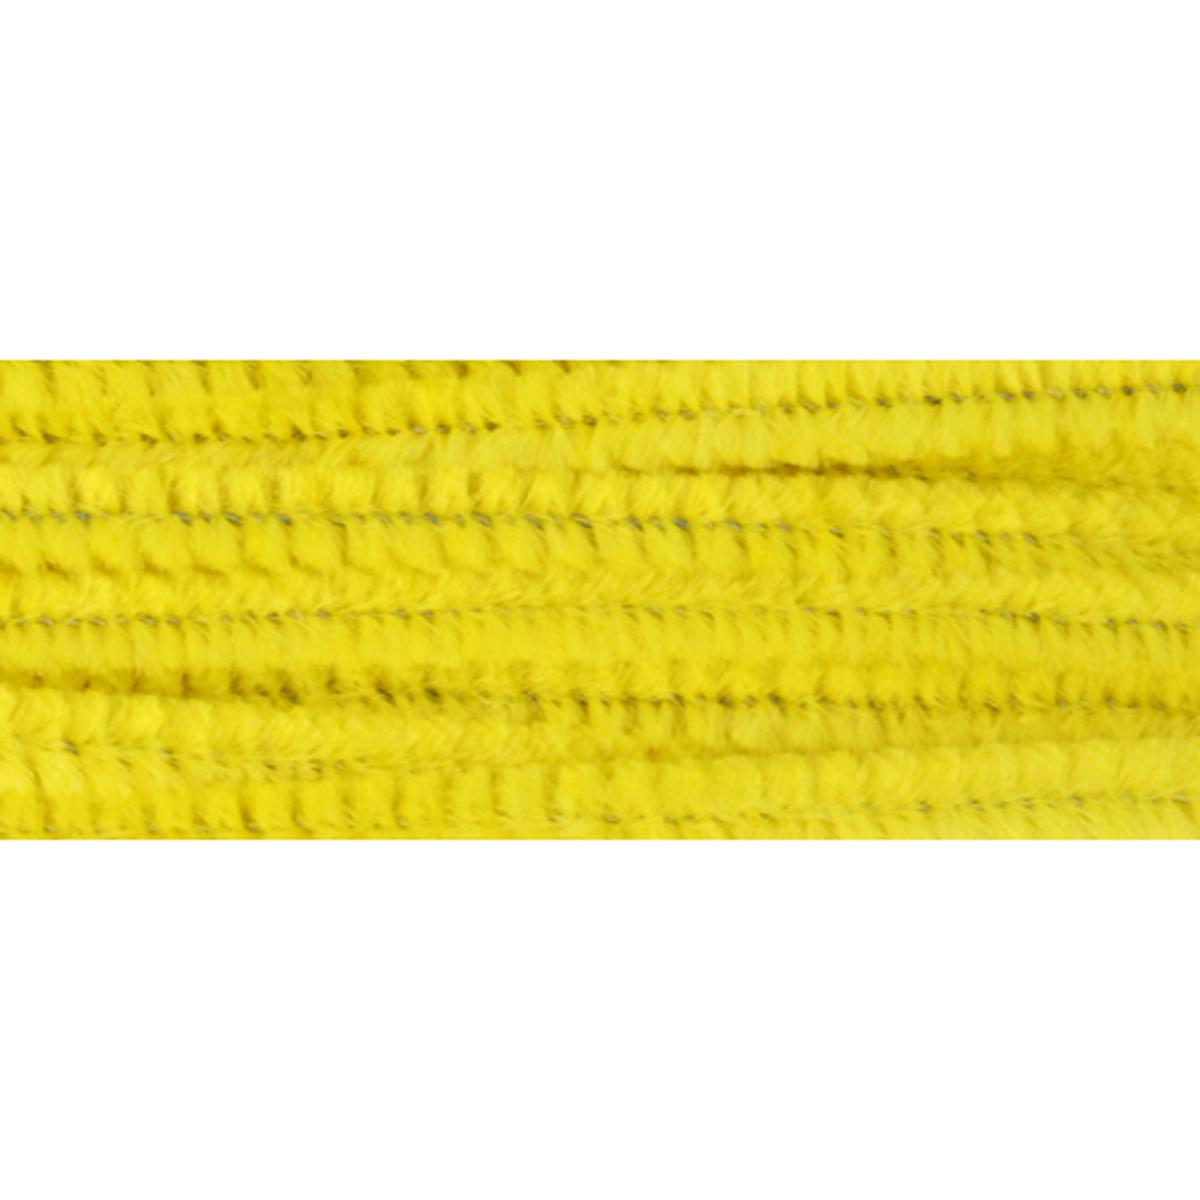 Синель-проволока Астра, цвет: желтый, 6 мм х 30 см, 30 шт7708692_ A-018 желтыйИз пушистой проволоки можно мастерить разные поделки - плоские и объемные. Такая проволока послужит практичным материалом в валянии и изготовлении игрушек.